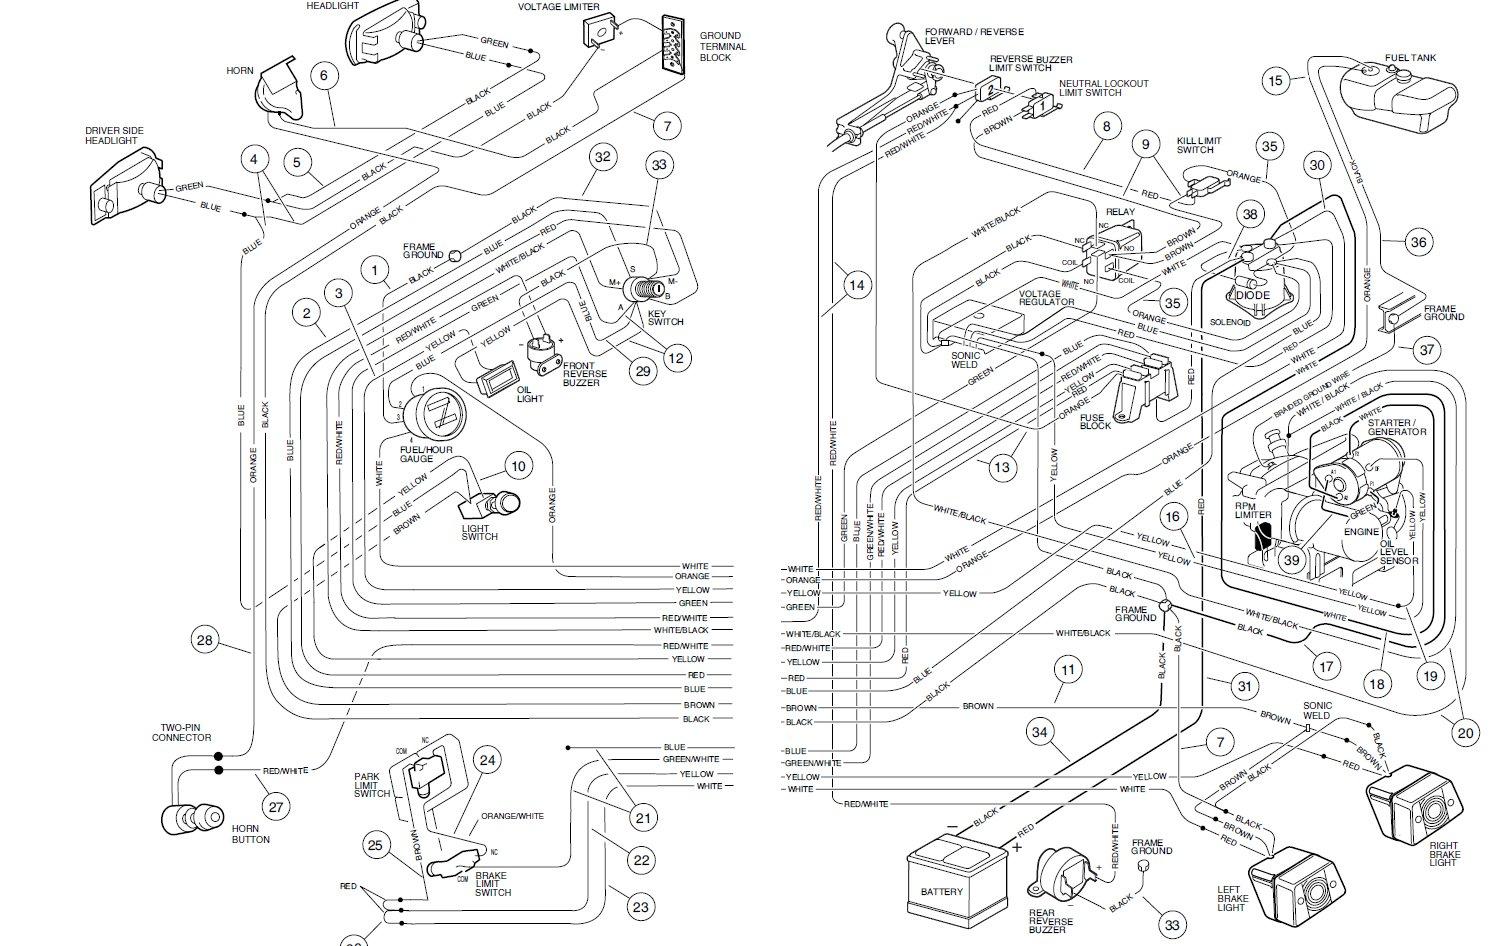 2005 club car ds wiring diagram df 9875  golf cart wiring diagram on club car precedent gas wiring  wiring diagram on club car precedent